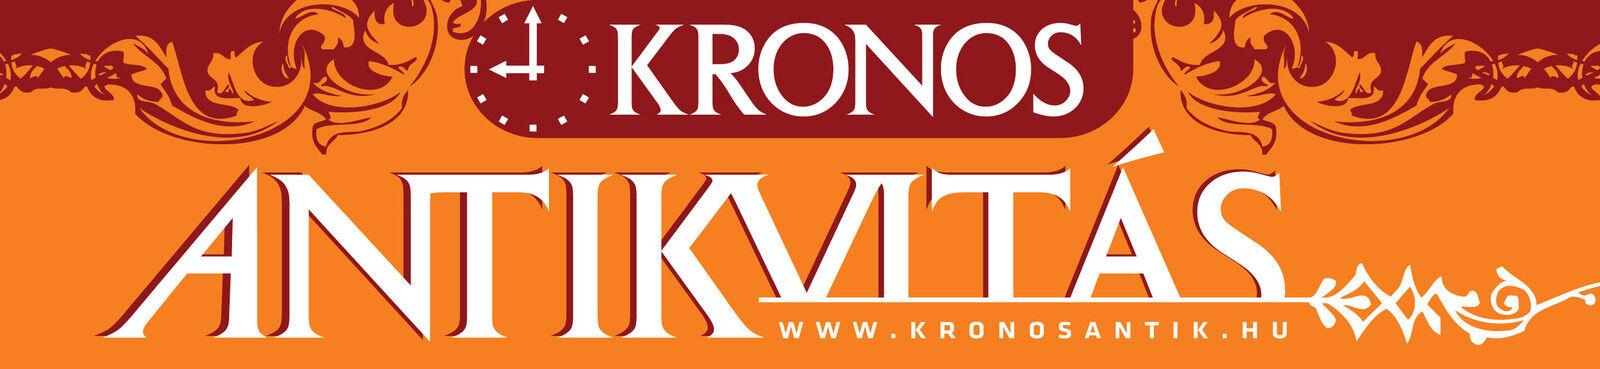 kronosantik14